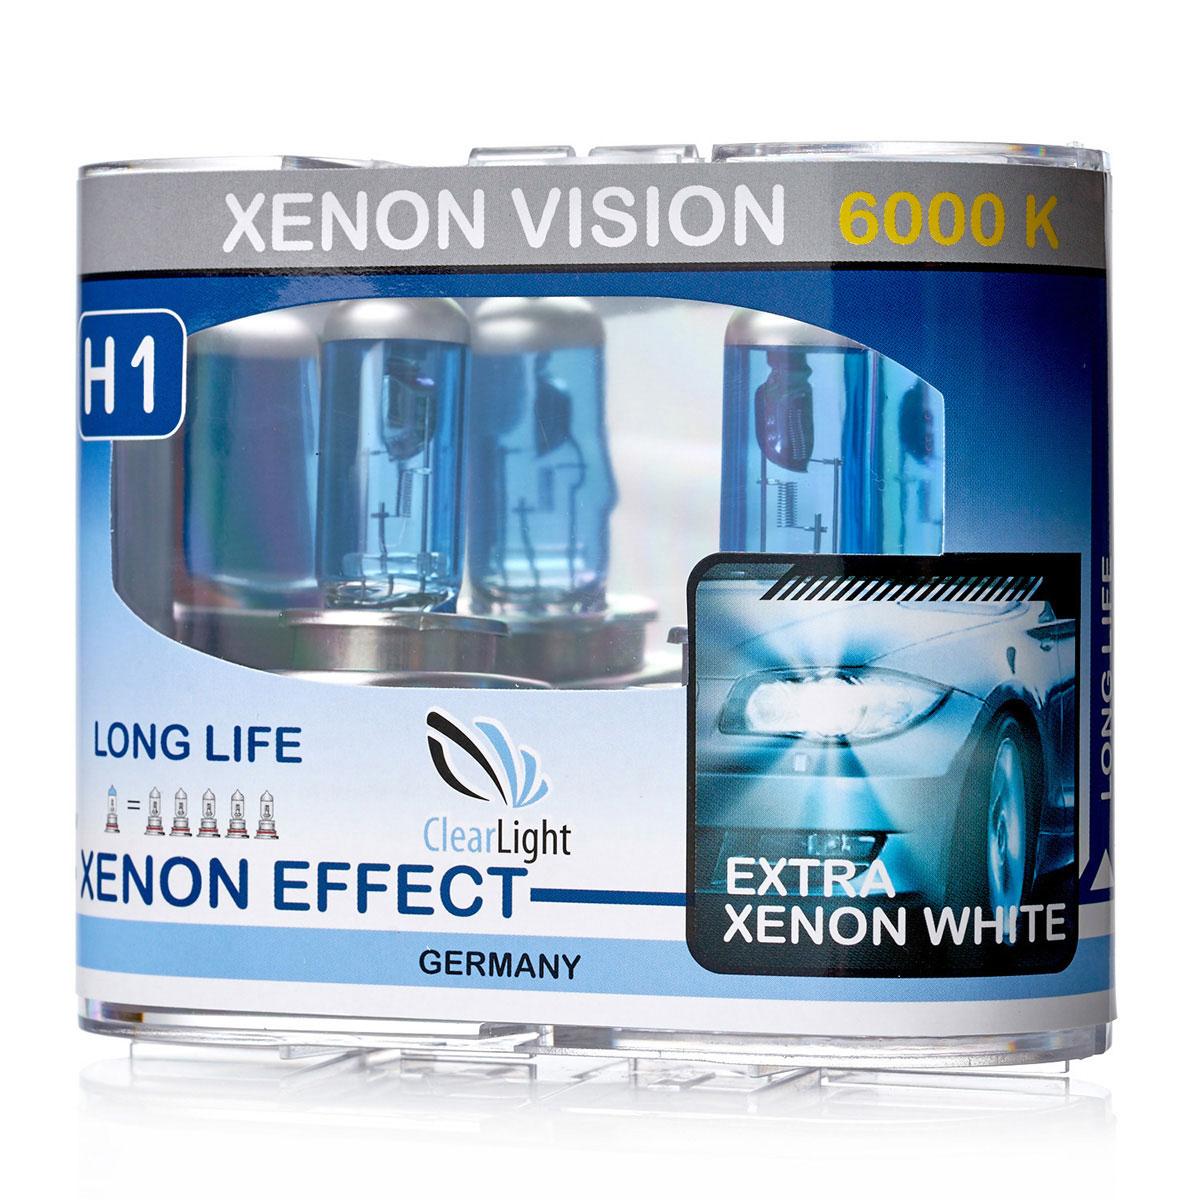 Лампа автомобильная галогенная Clearlight H1 XenonVision, 55 Вт, 6000 К, 2 штMLH1XVЛампа Clearlight H1 XenonVision предназначена для использования в автомобильных фарах. В колбе используется уникальная ксеноновая смесь высокого давления, что позволяет сделать нить накала тоньше и длиннее. Цвет света распределен от белого по центру фары к насыщенно-белому в середине и слегка с голубым оттенком цвета к краю пучка света. Уважаемые клиенты! Обращаем ваше внимание на возможные изменения в дизайне упаковки. Качественные характеристики товара остаются неизменными. Поставка осуществляется в зависимости от наличия на складе.